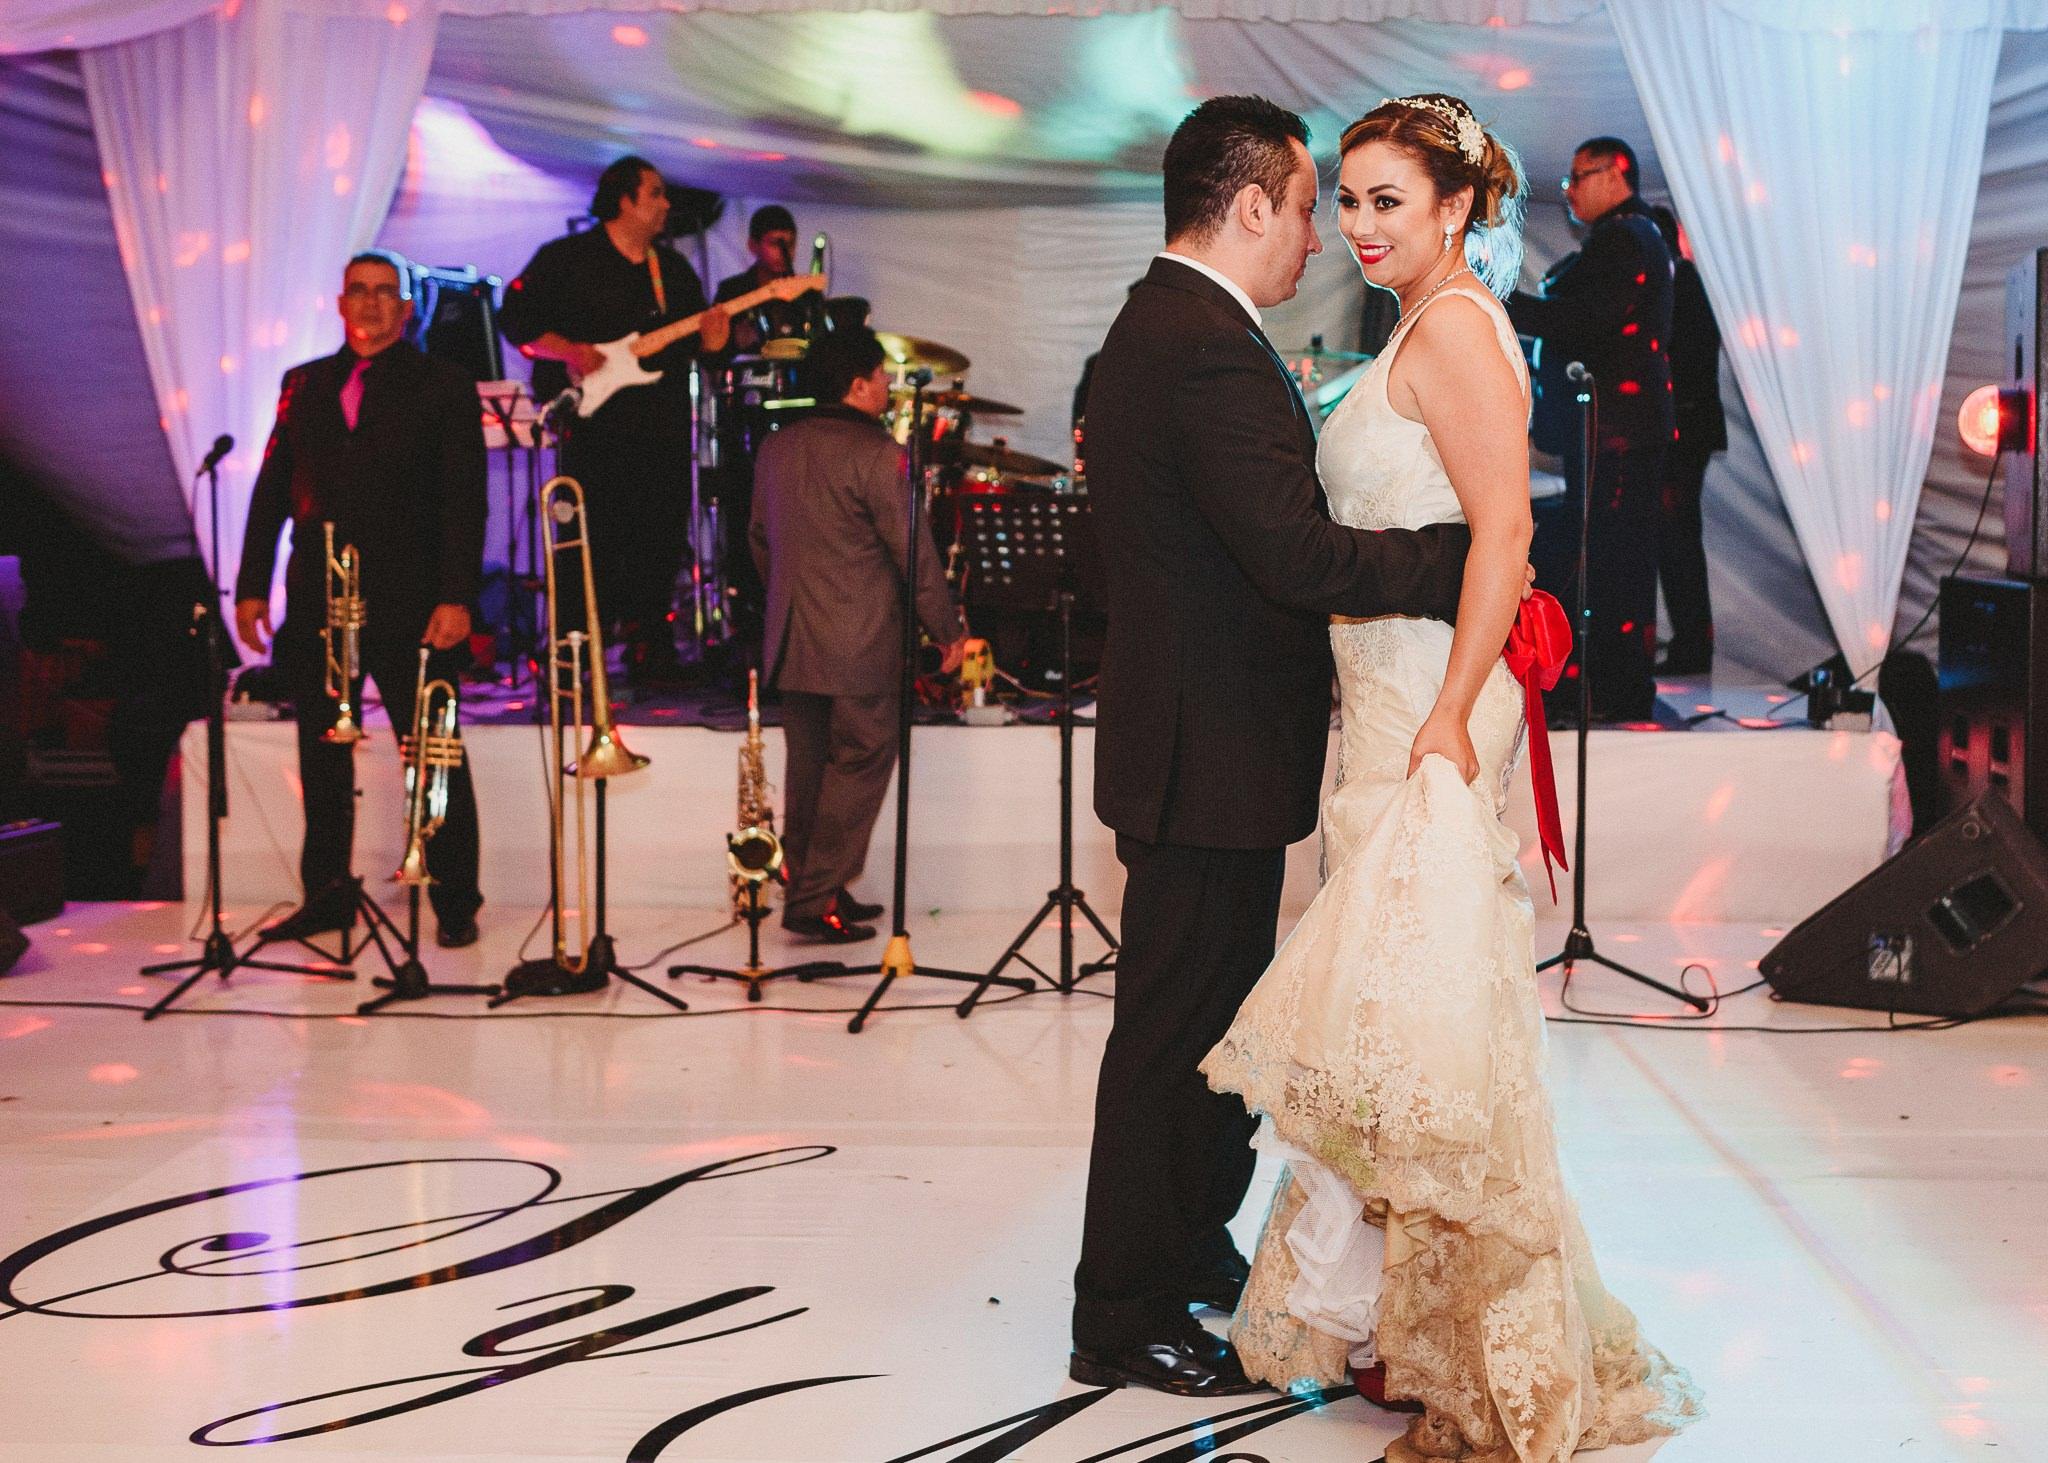 03boda-en-jardin-wedding-hacienda-los-cuartos-fotografo-luis-houdin106